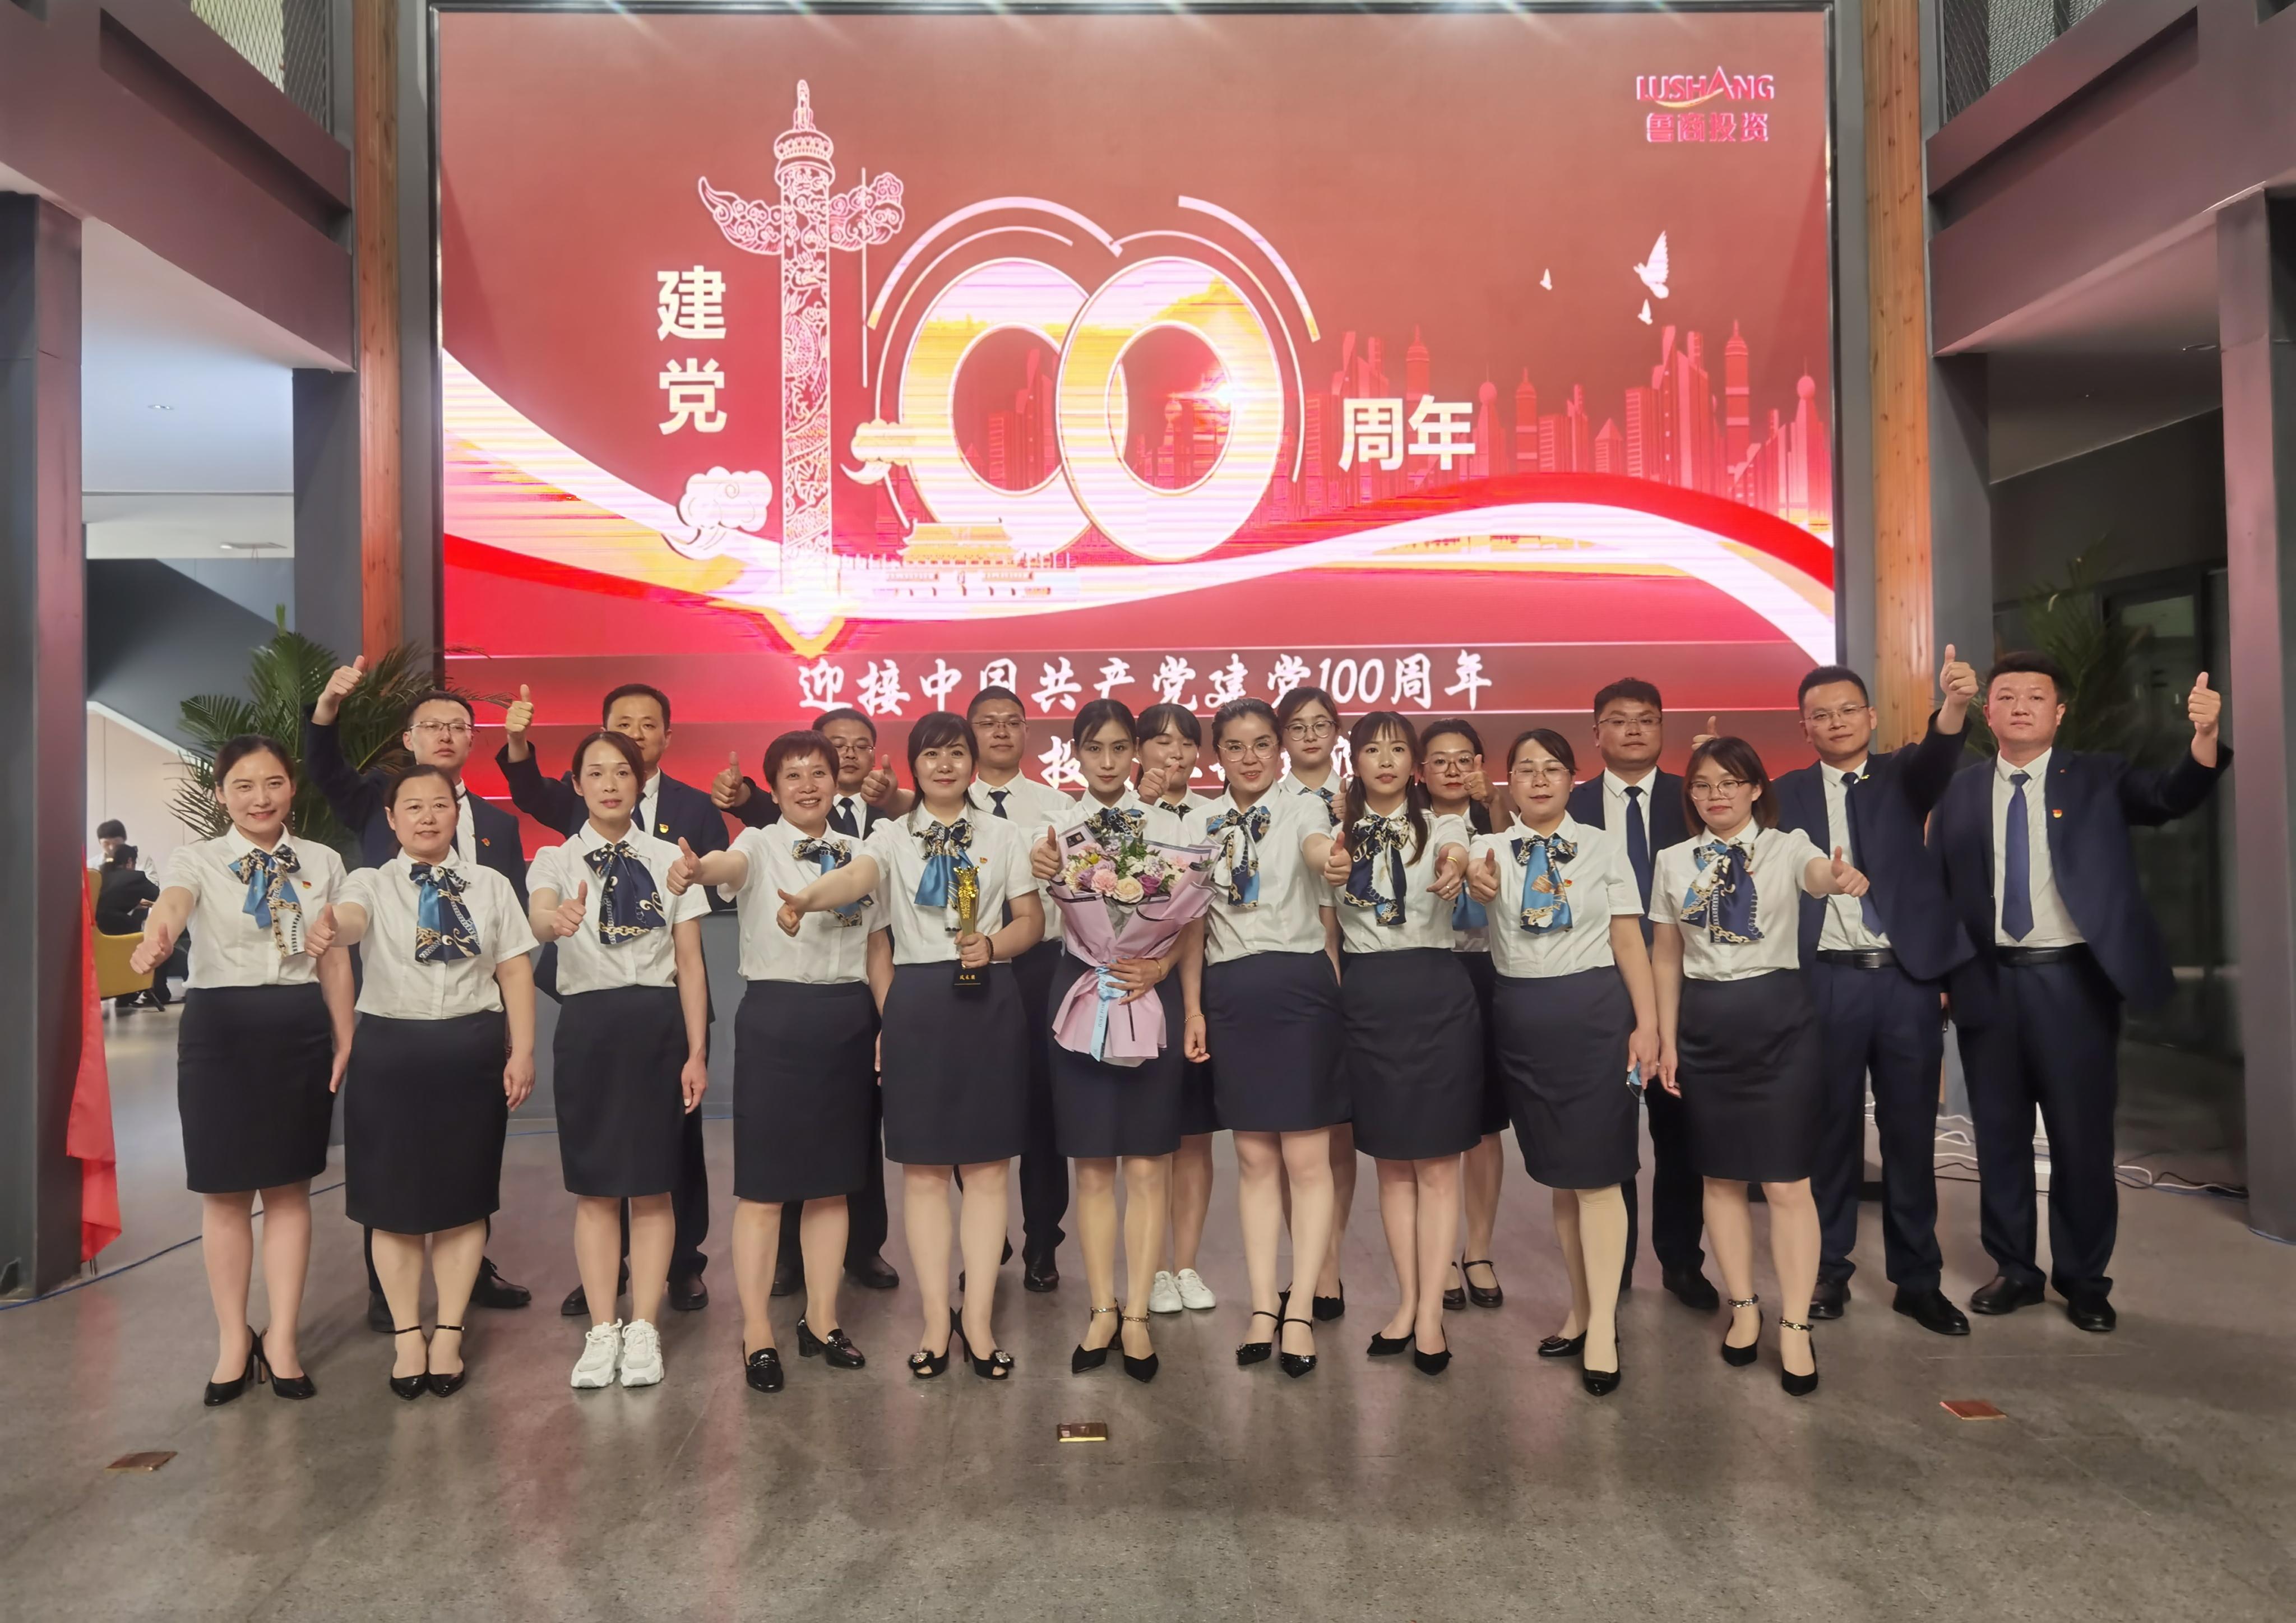 迎接建党100周年红歌竞演